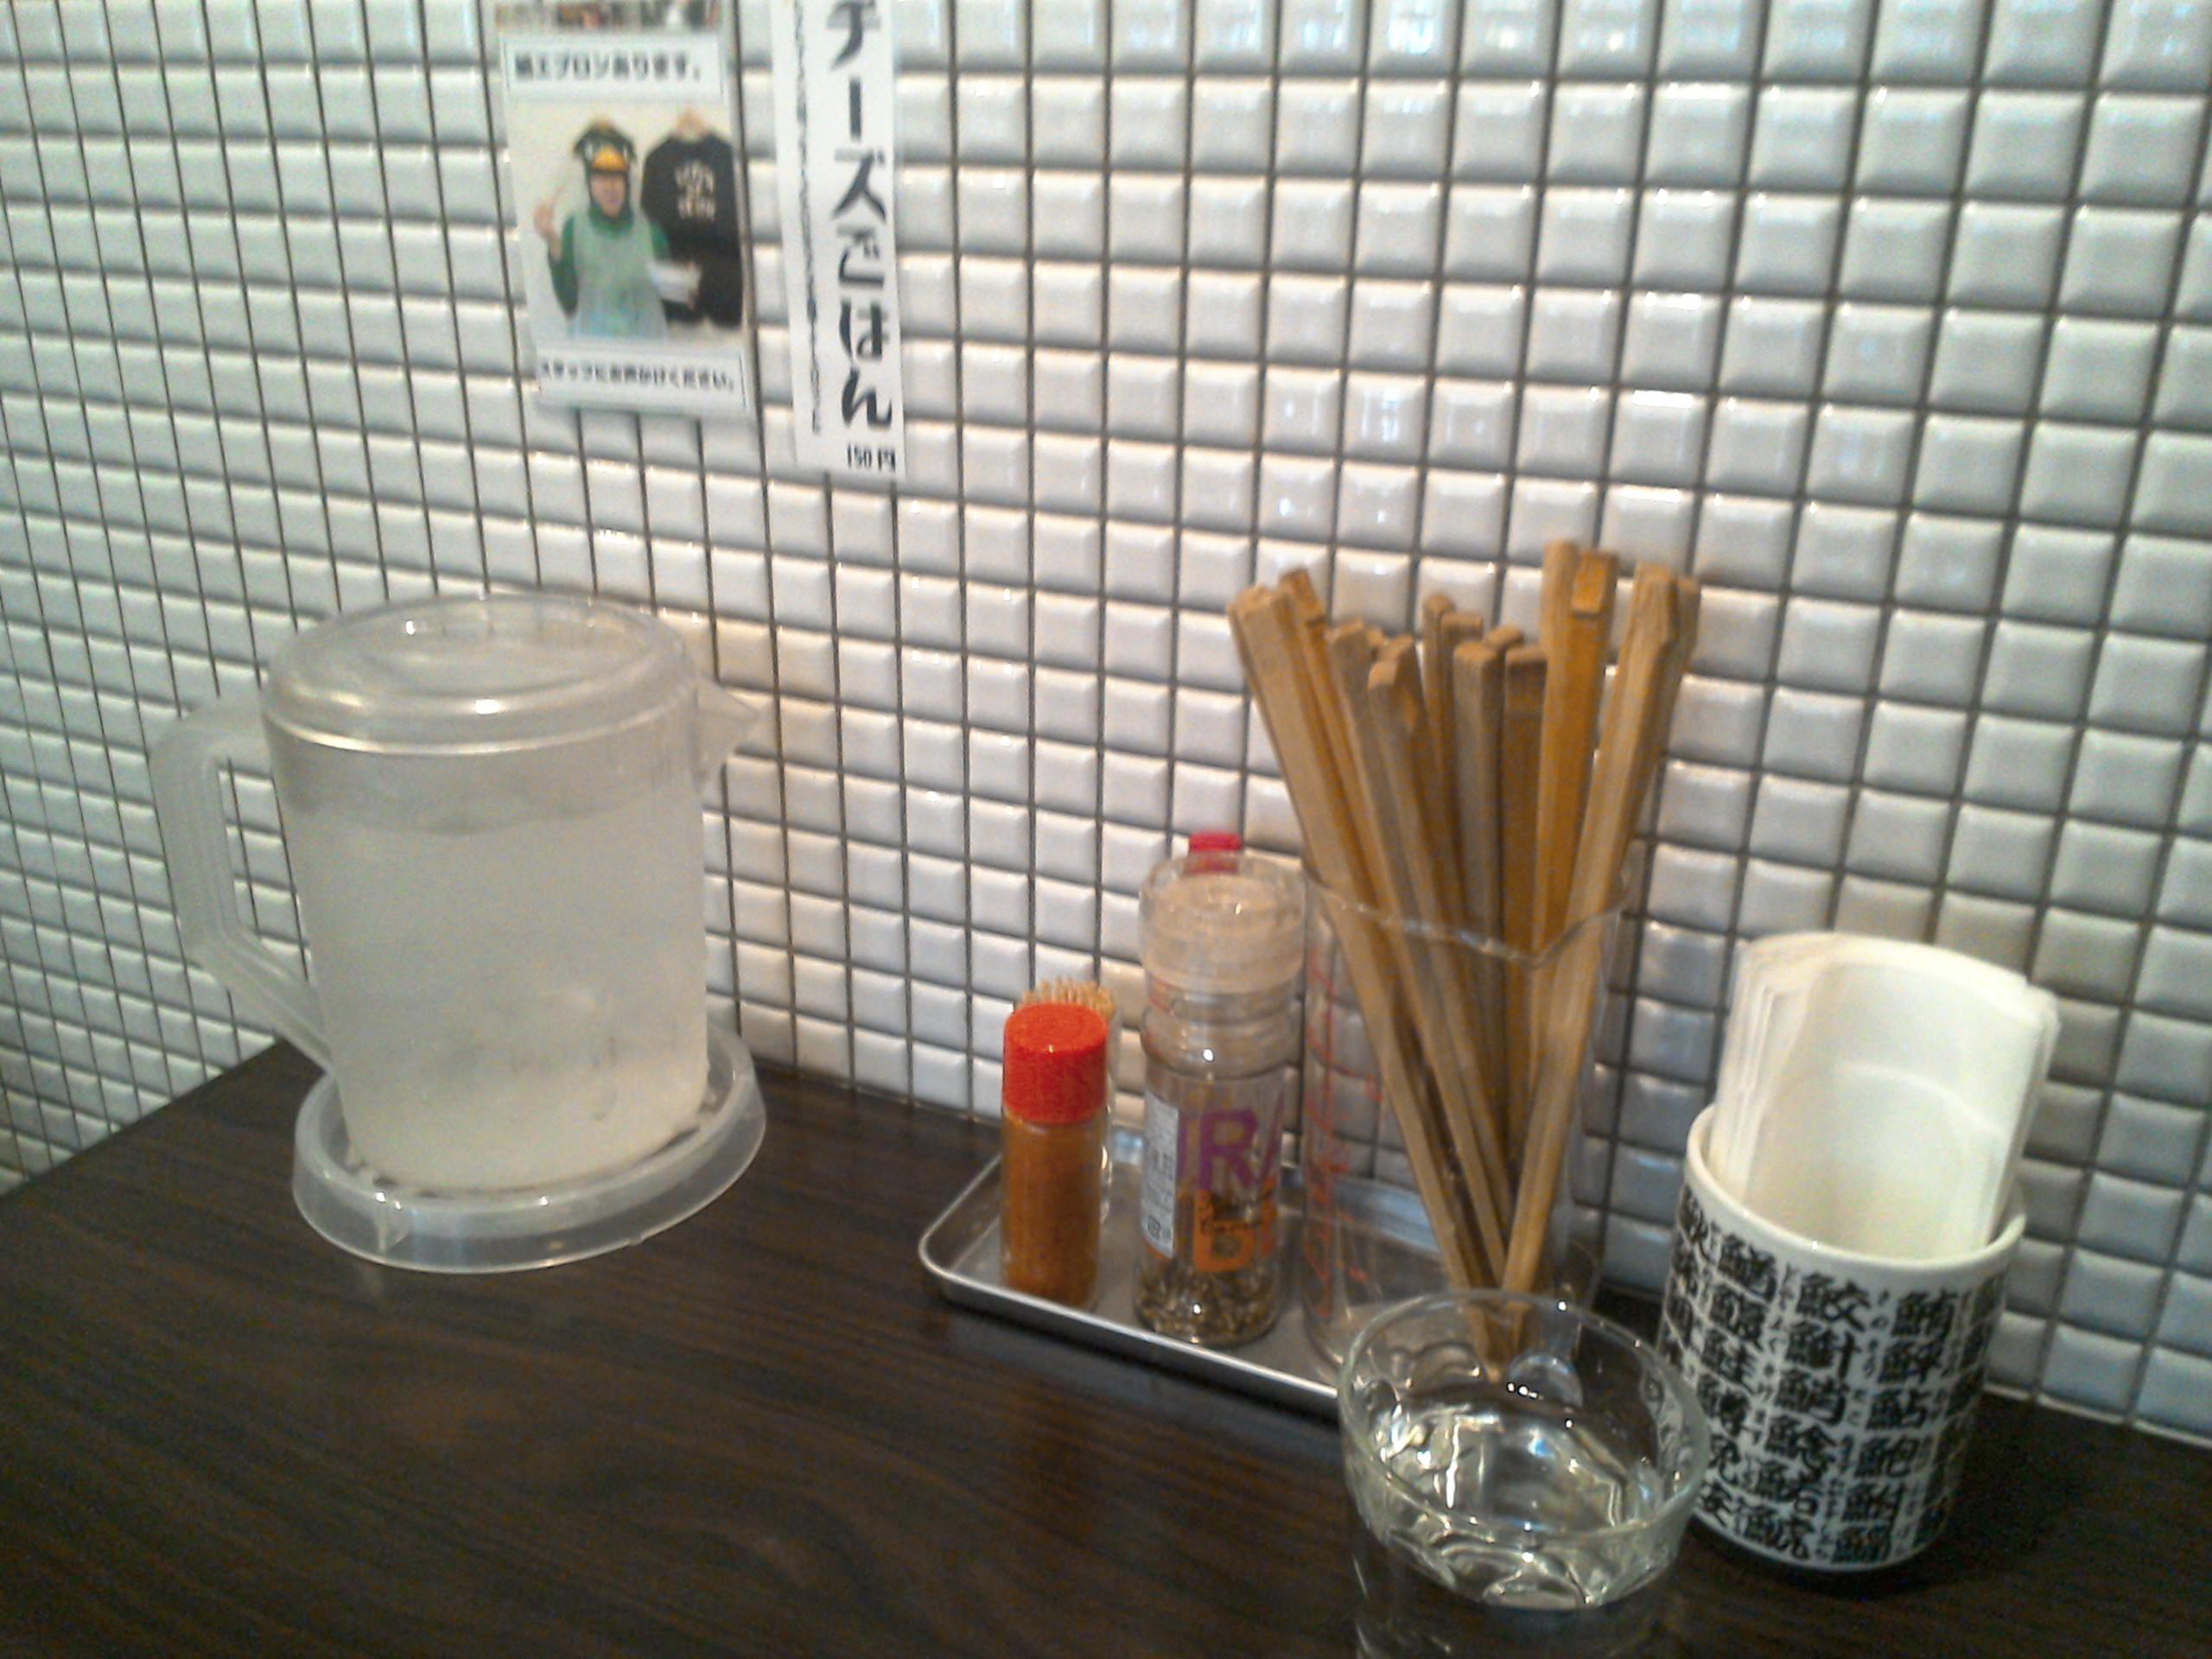 壁の怪しげな写真。これは食事の時にエプロンを用意してくれるということです。なかなか気の利いたお店です。